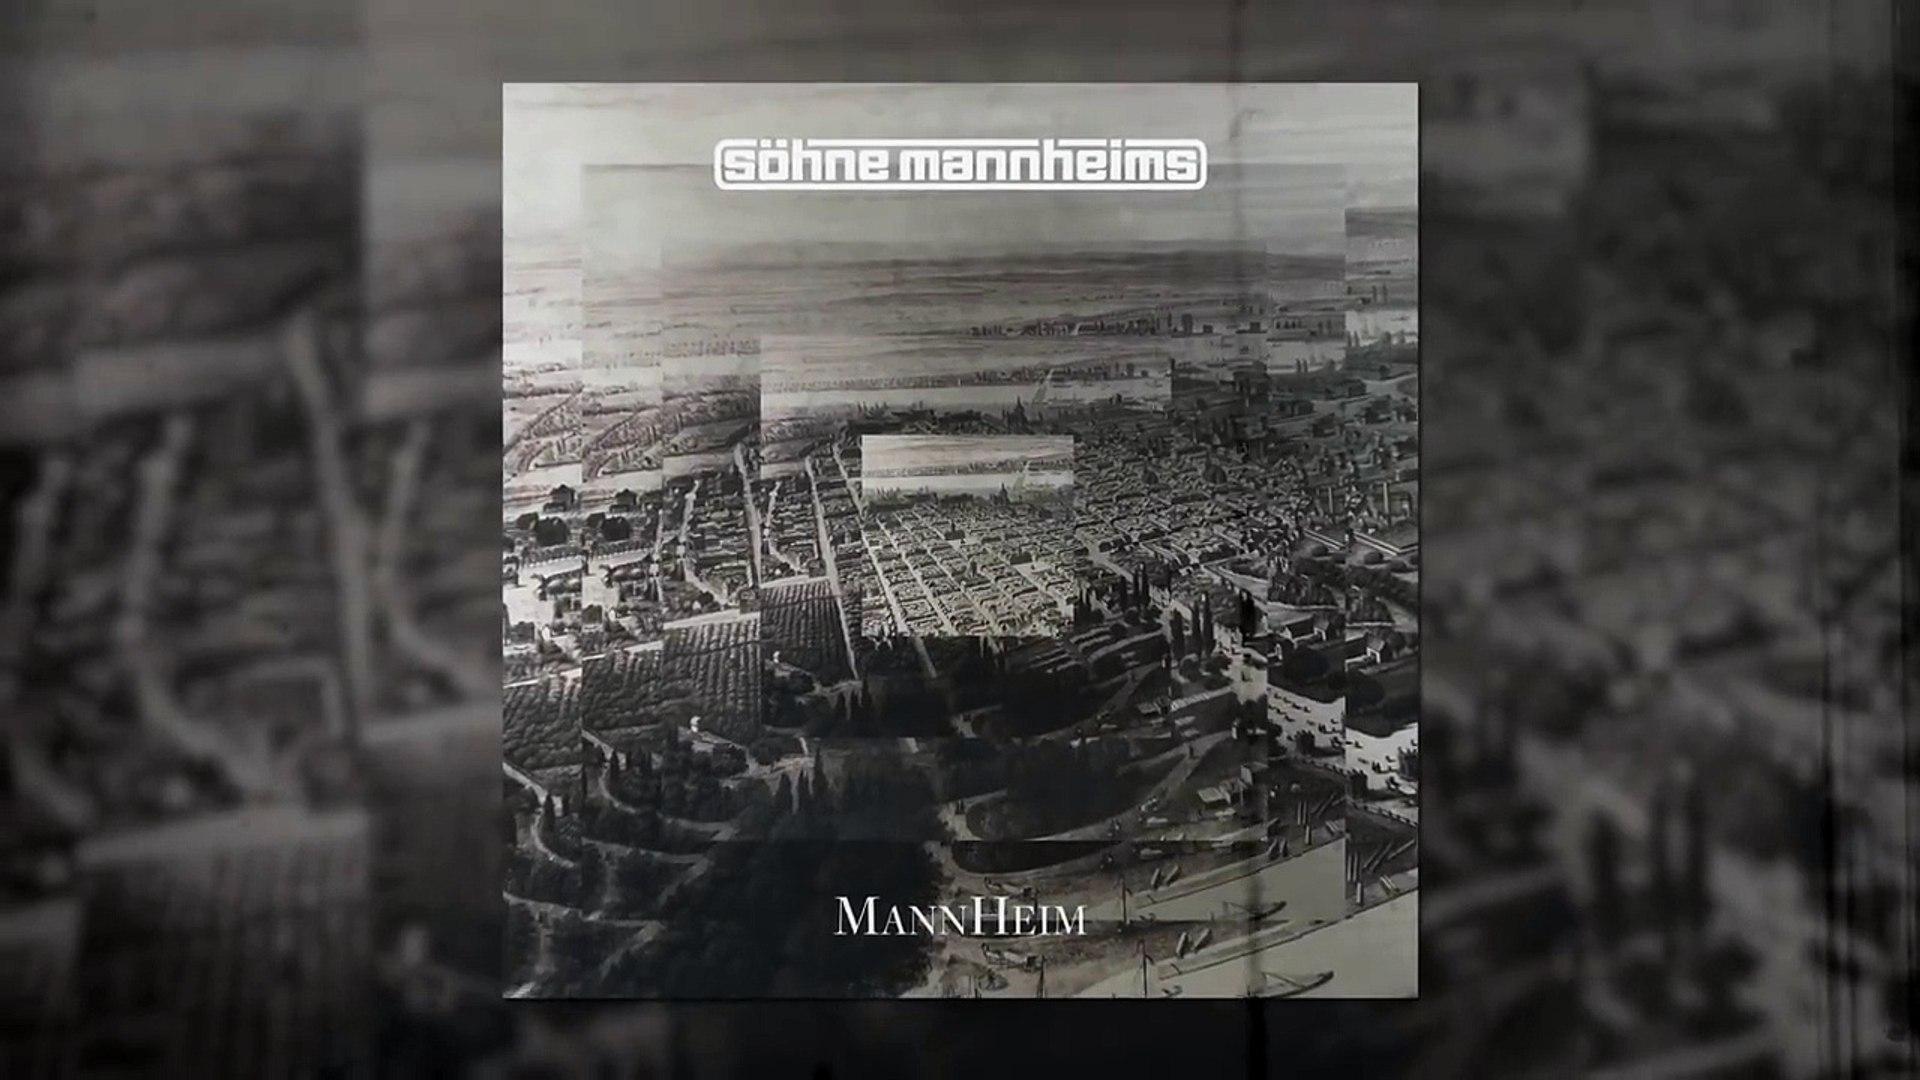 Söhne Mannheims Das Neue Album Mannheim Trailer